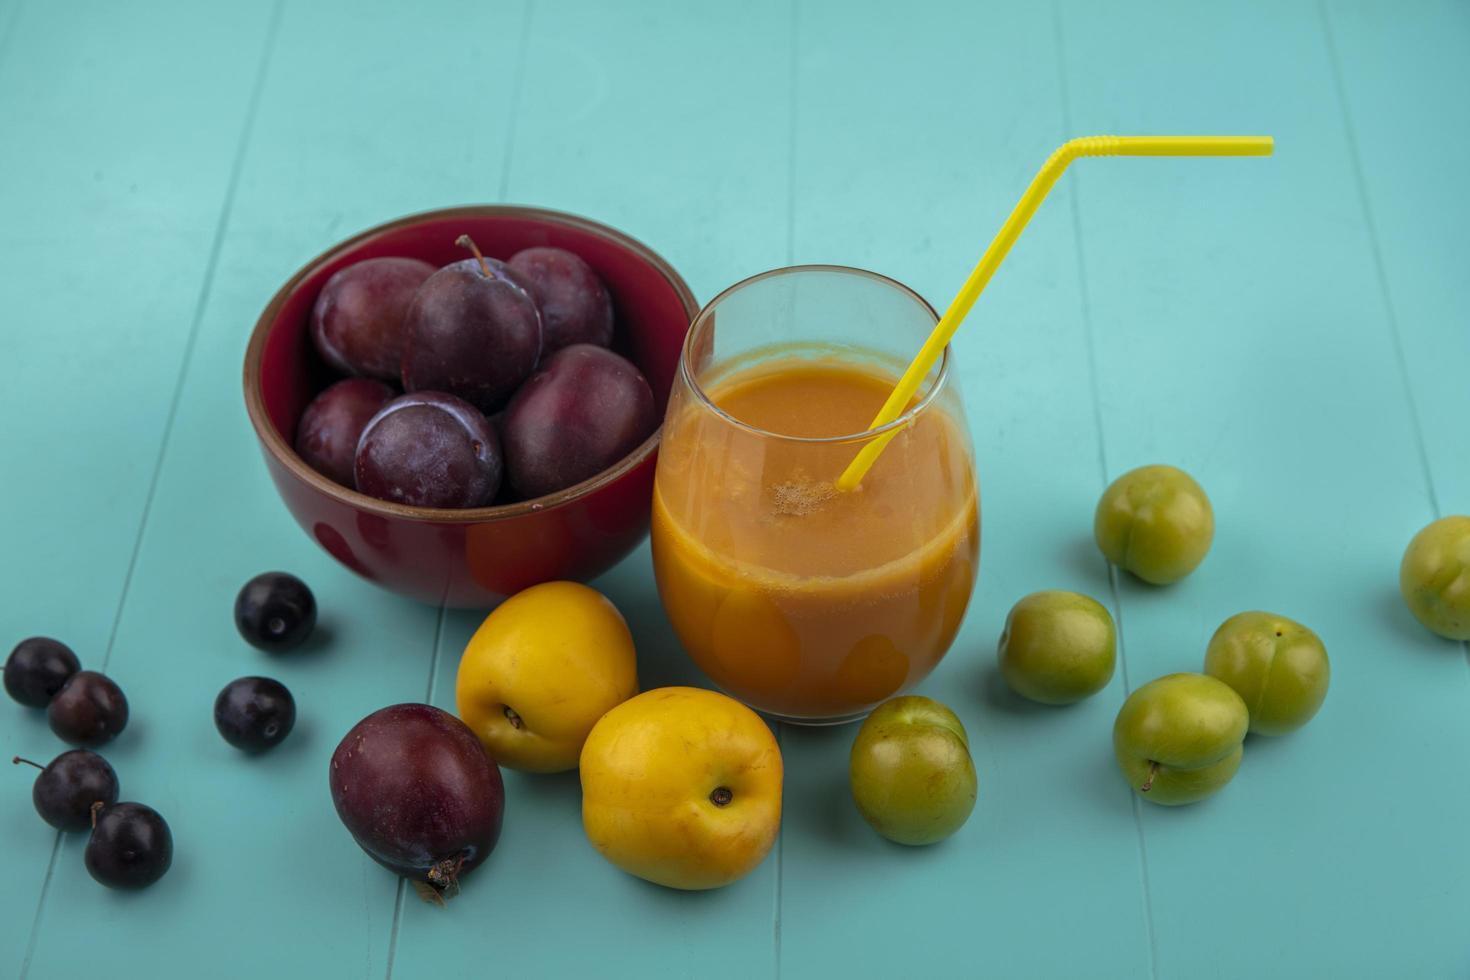 Fresh fruit and juice on blue background photo